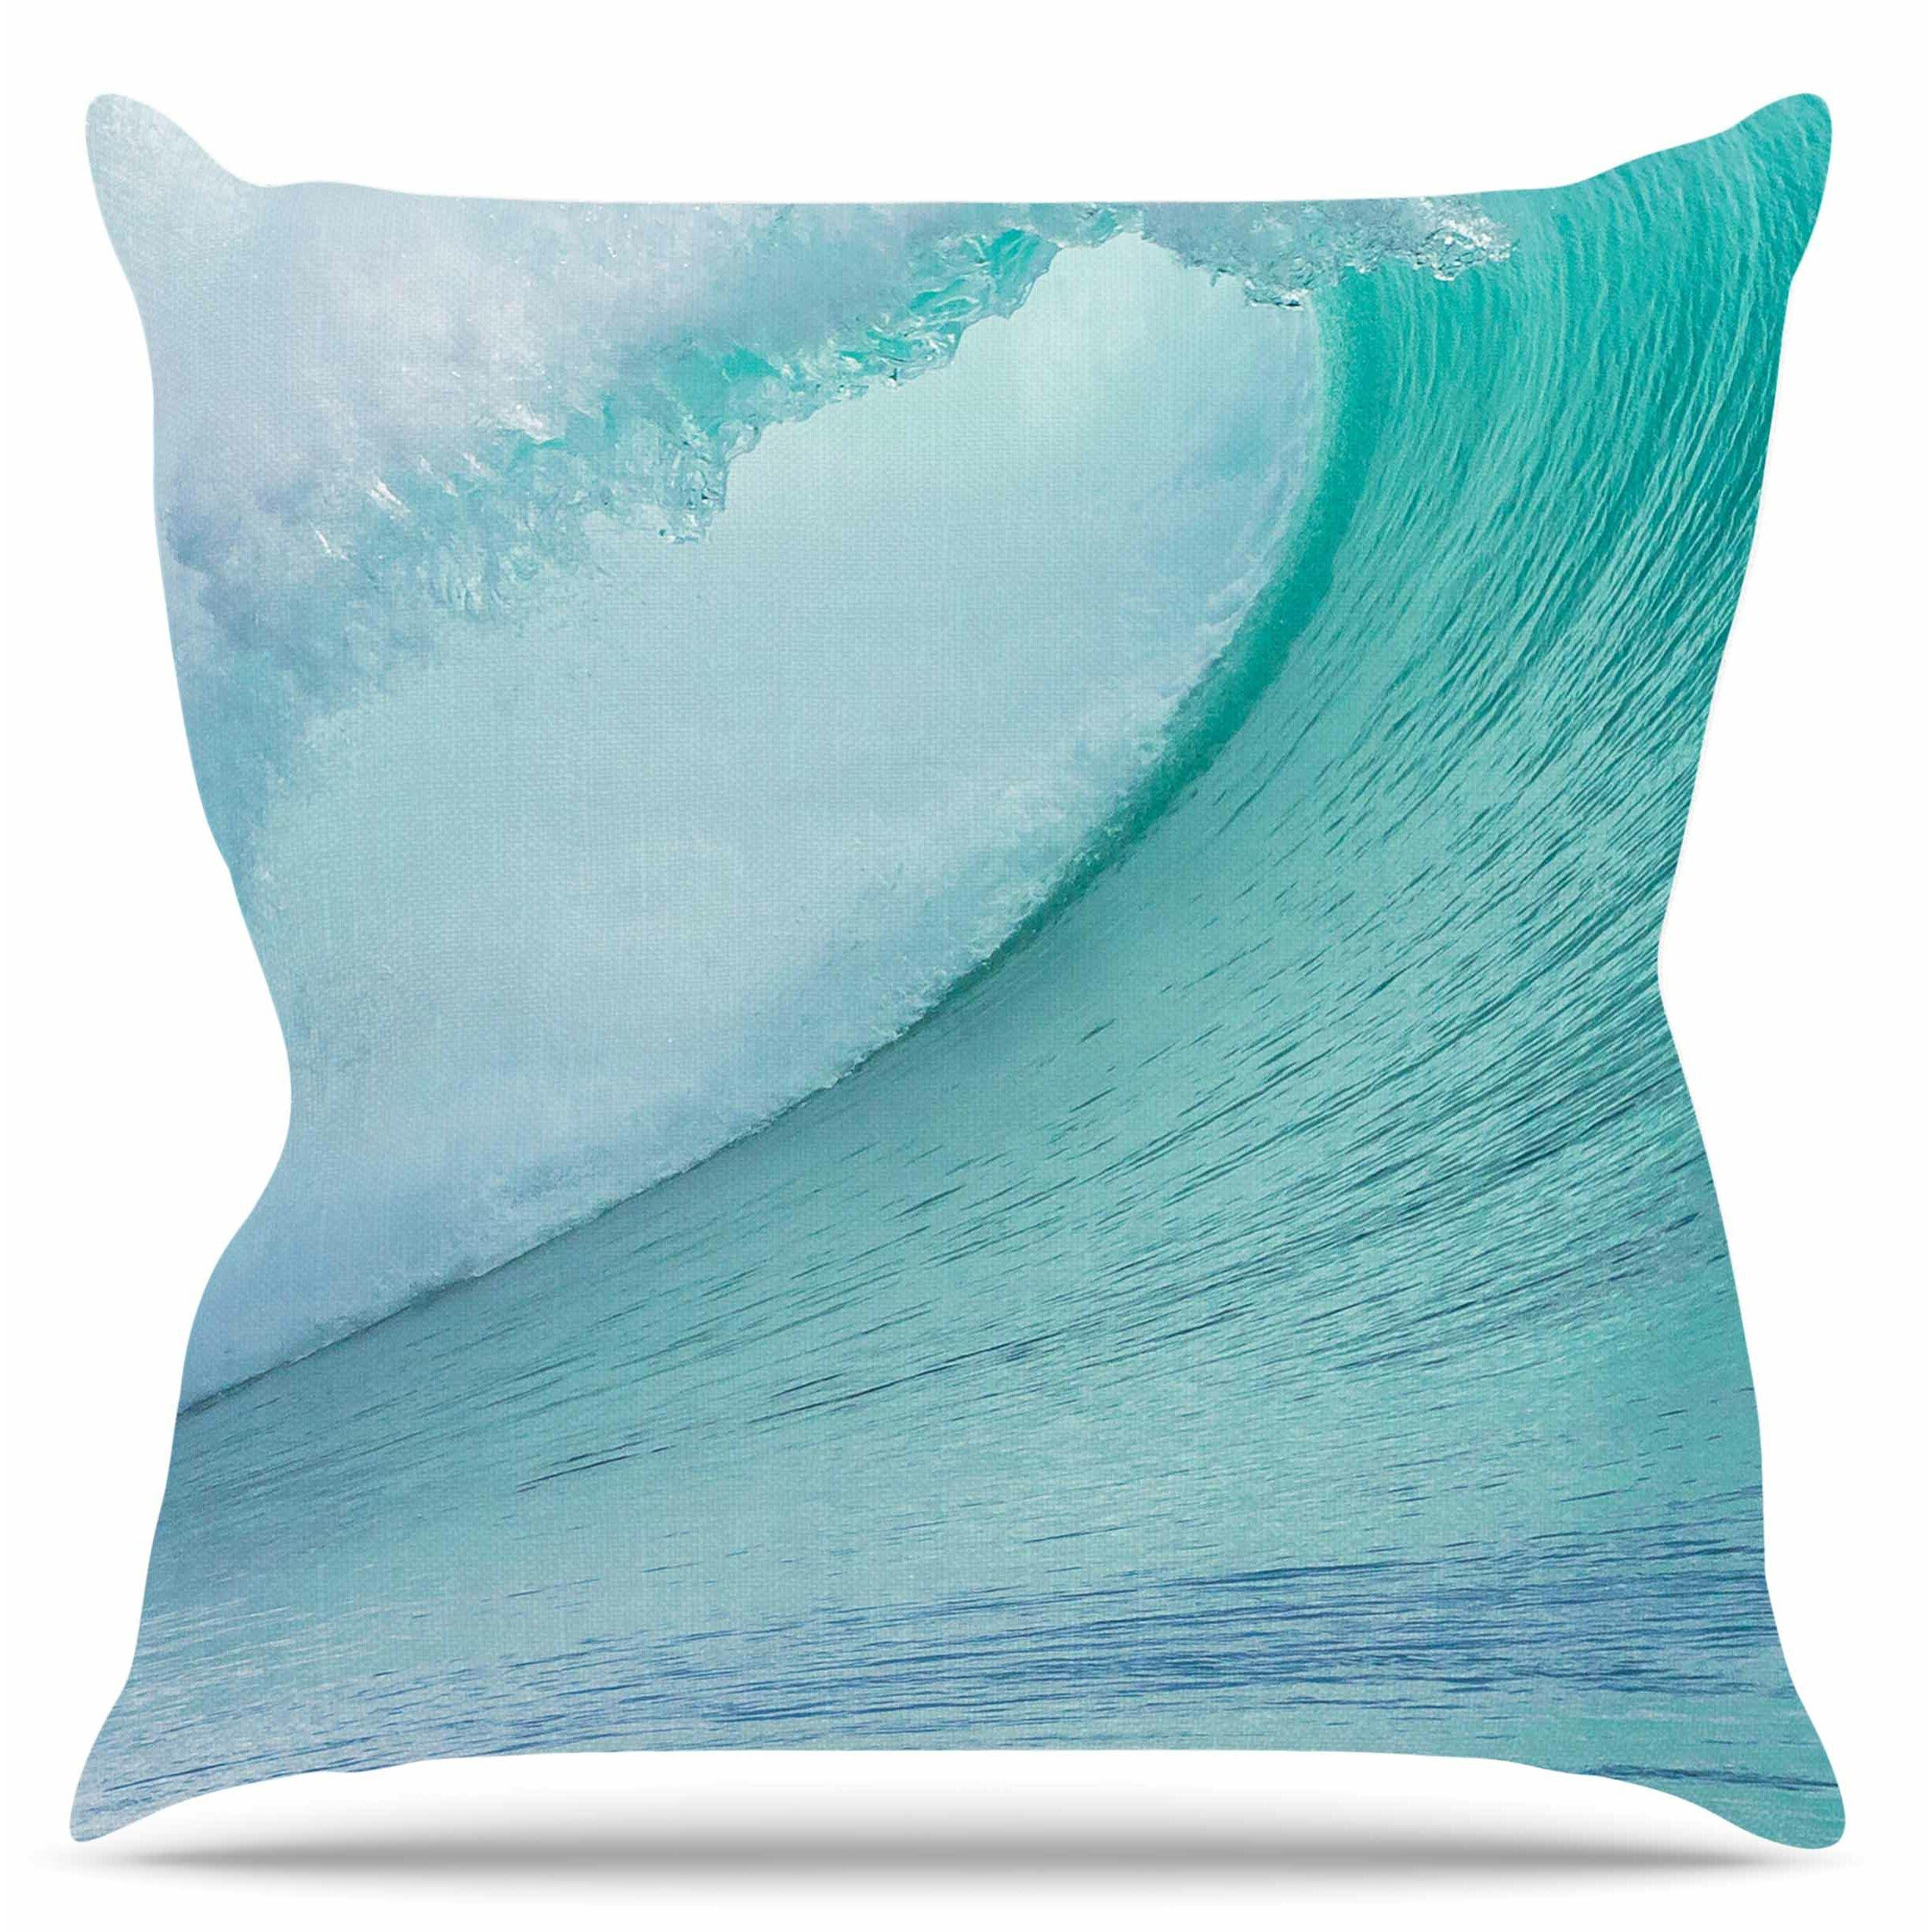 Ocean Blue Decorative Pillows : KESS InHouse Ocean Blue Wave Throw Pillow & Reviews Wayfair